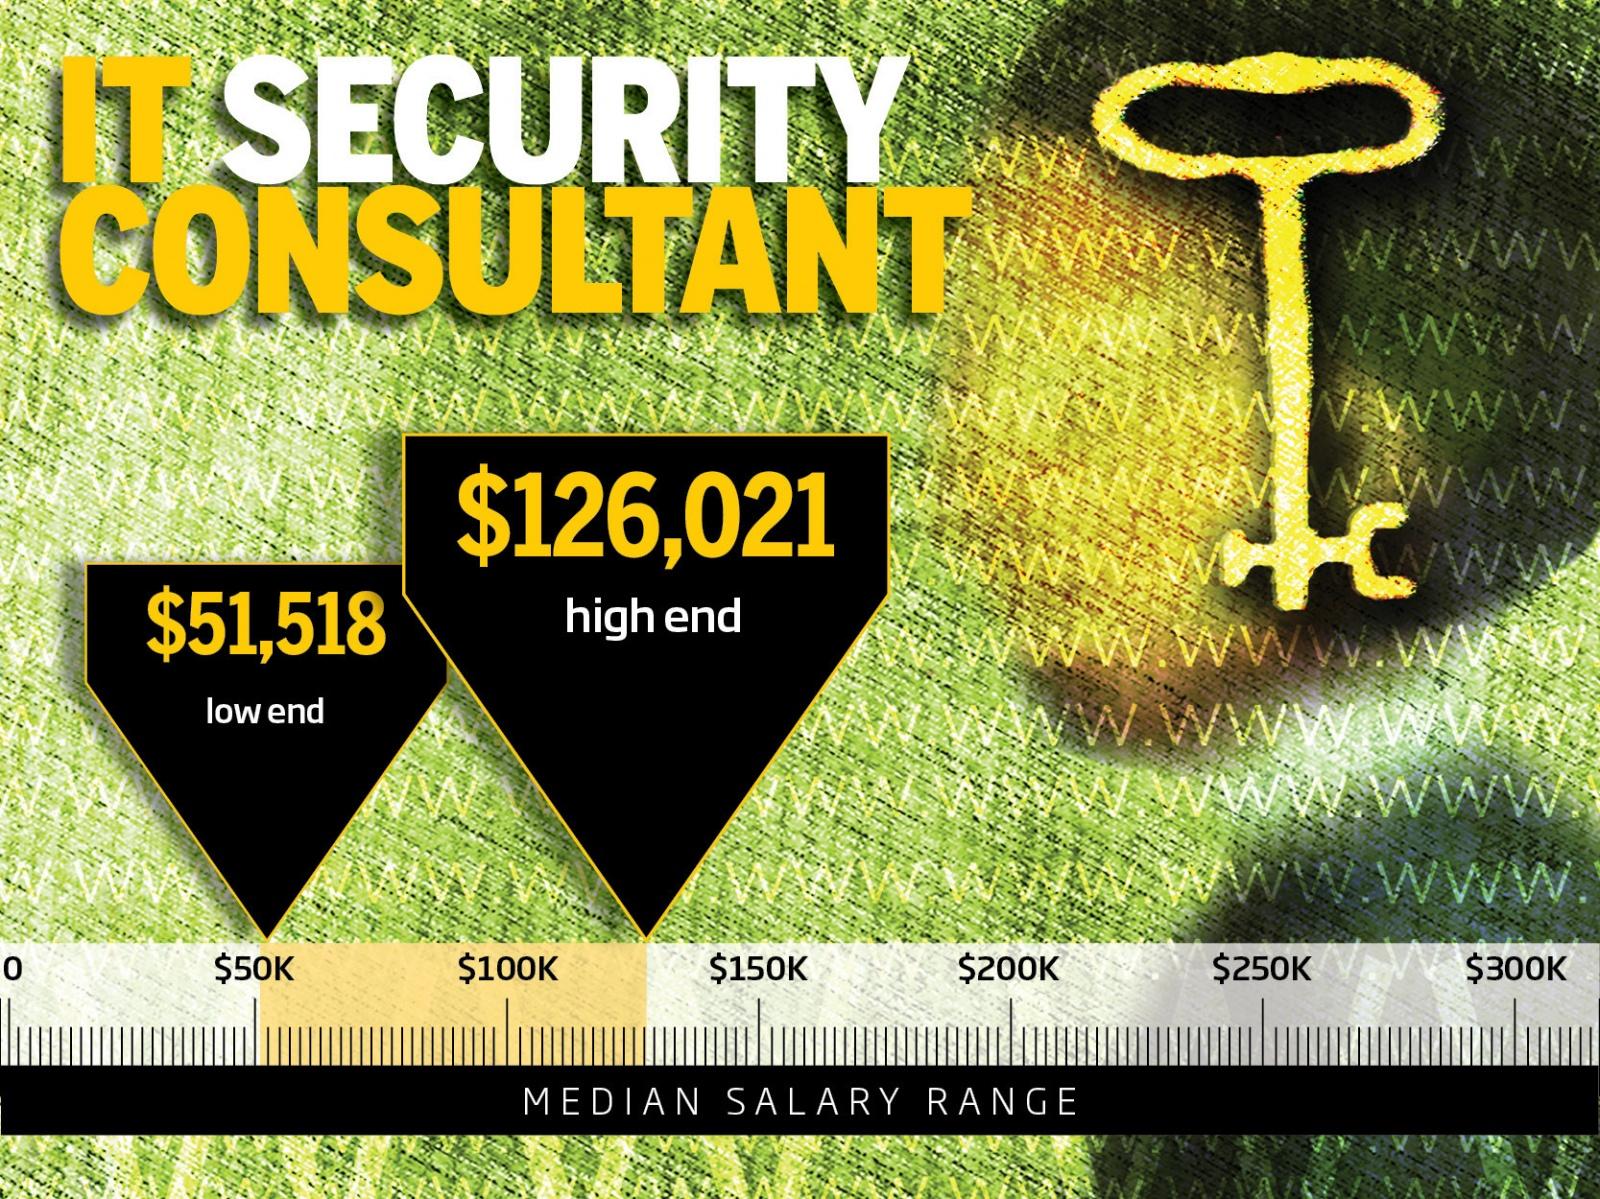 ТОП-10 самых высокооплачиваемых профессий в IT-безопасности - 5